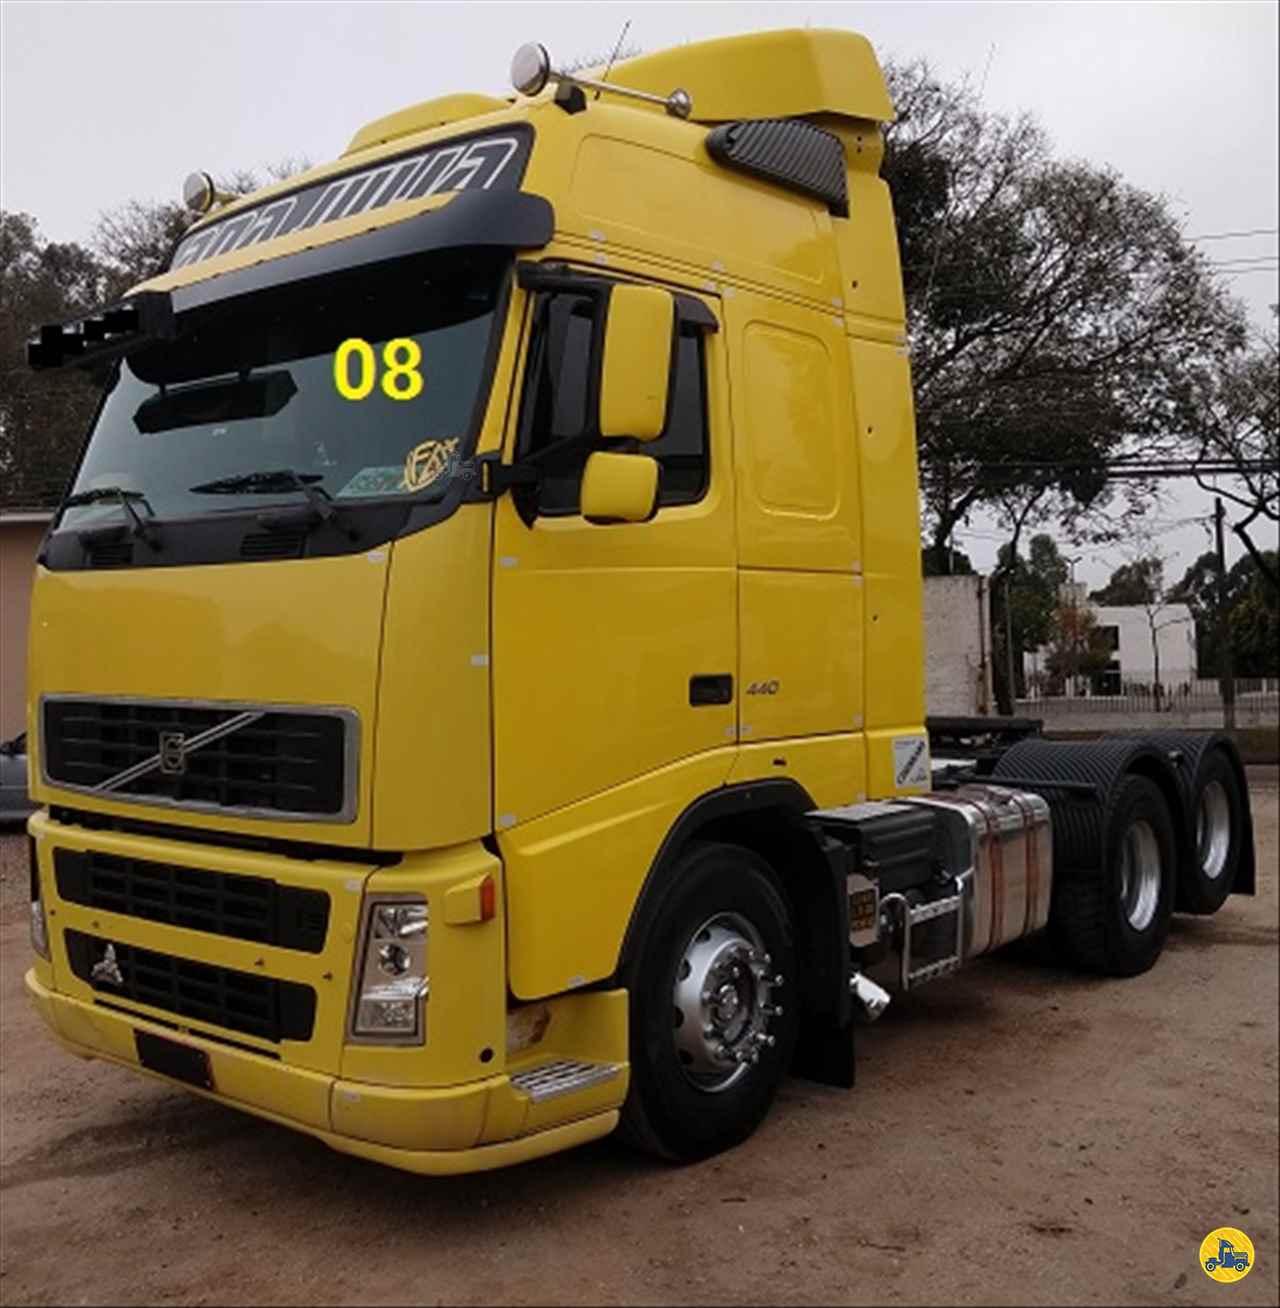 CAMINHAO VOLVO VOLVO FH 440 Cavalo Mecânico Truck 6x2 LAF Caminhões CURITIBA PARANÁ PR